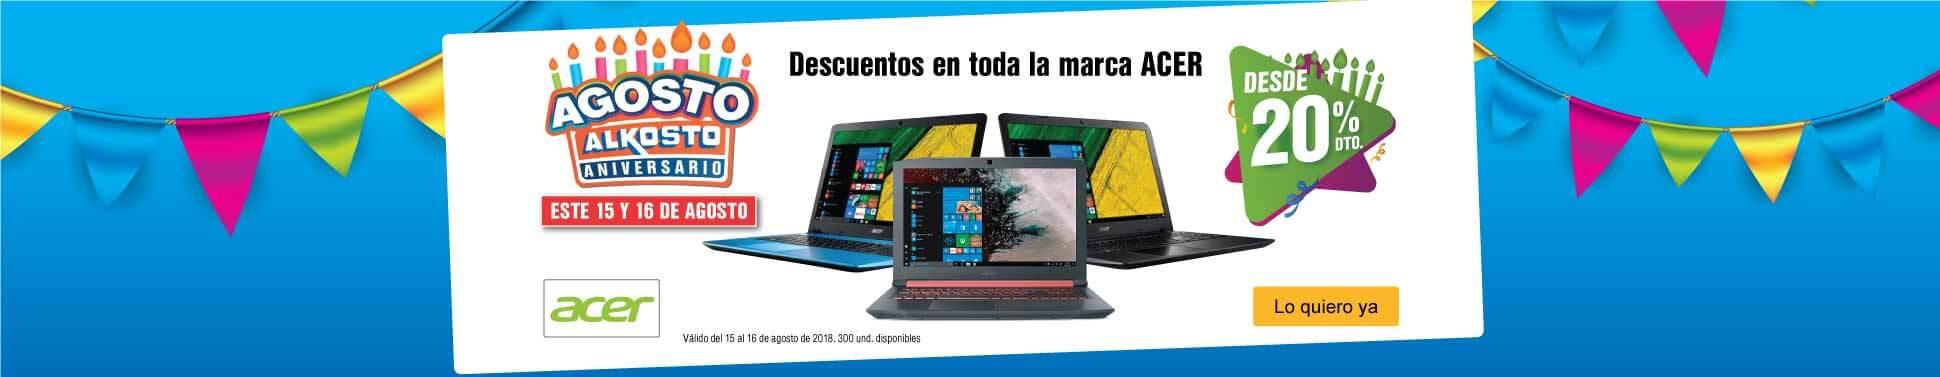 AK-HIPER-3-computadores y tablets-DCAT---Acer-Desde 20% Dto. en toda la marca-Ago15